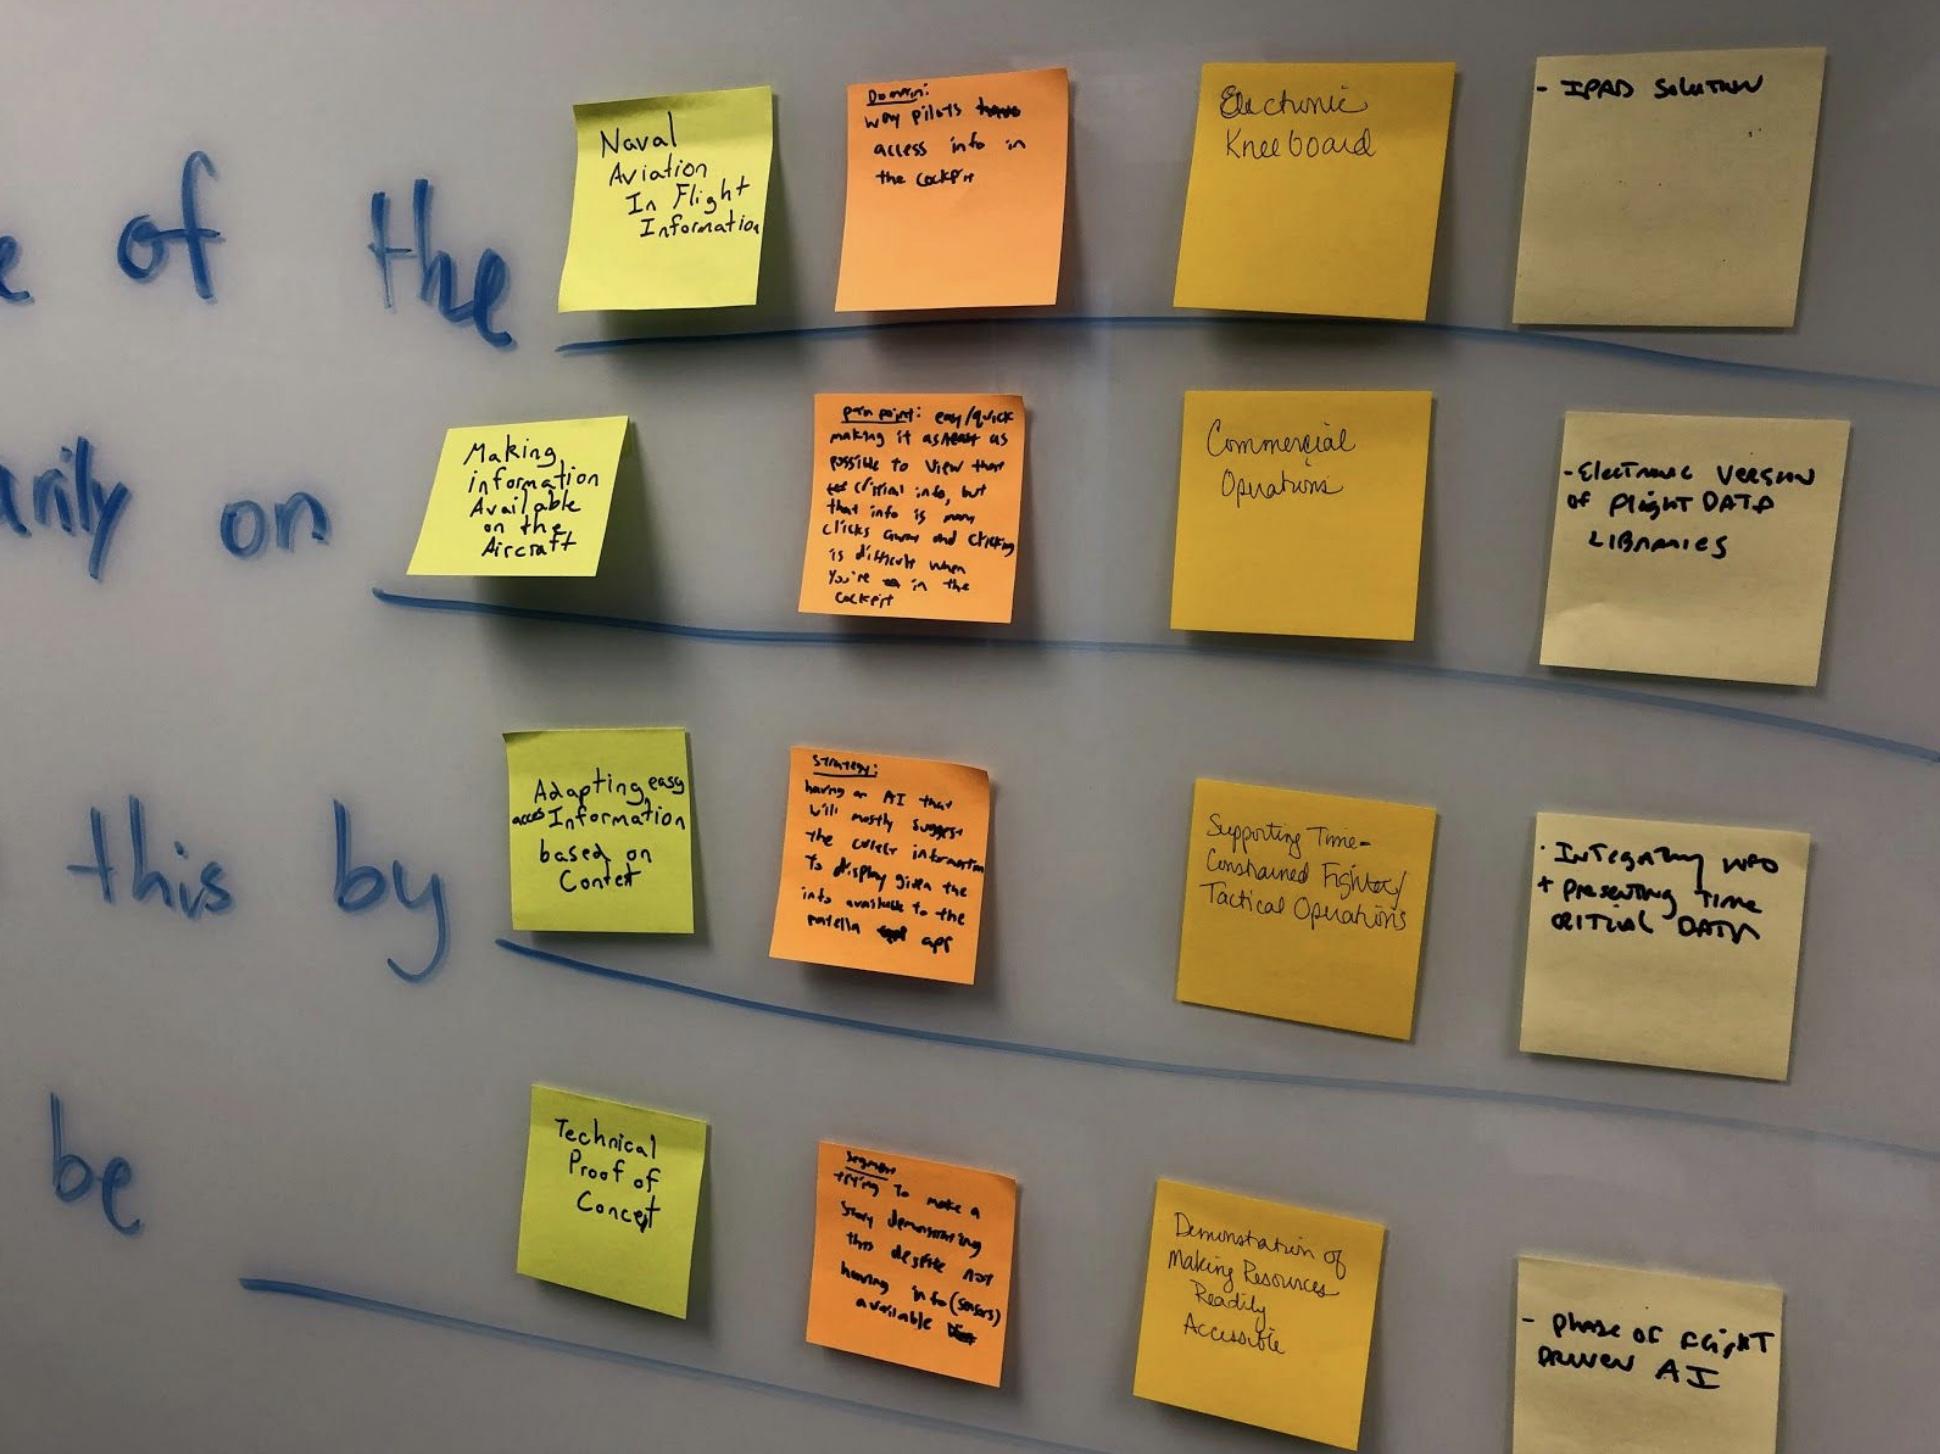 Problem statement sticky notes